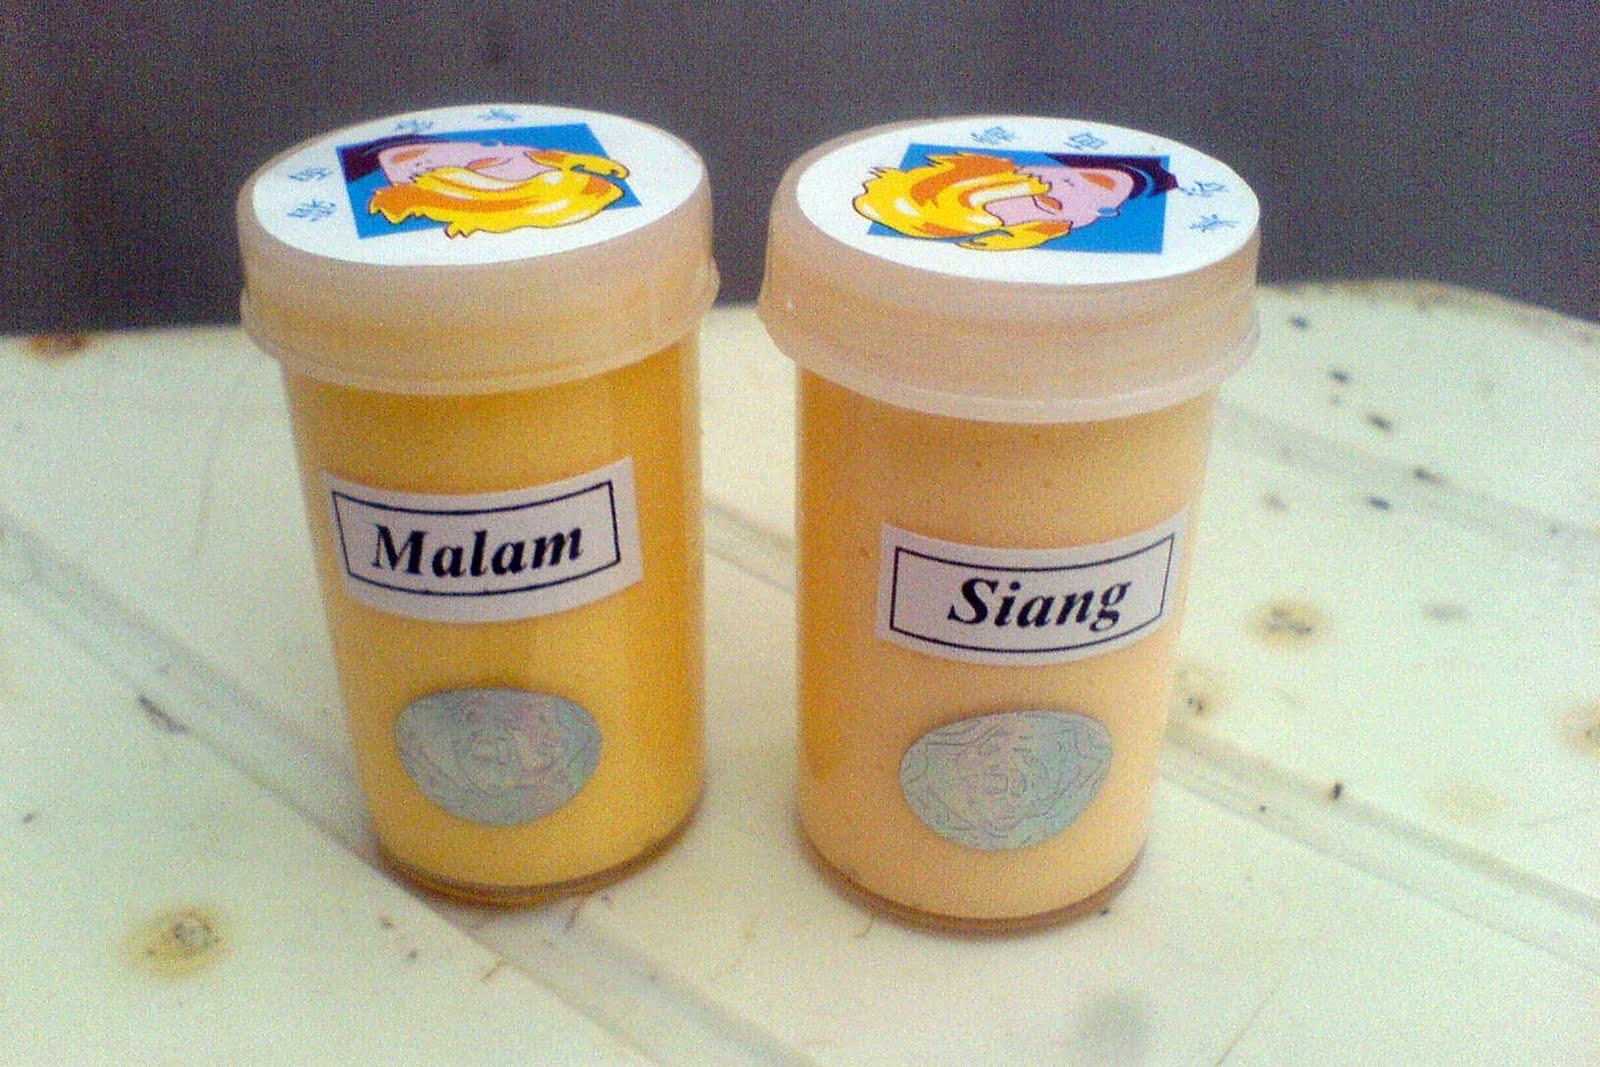 produk cream…kulit wajah yang aman di pakai yang berfungsi untuk